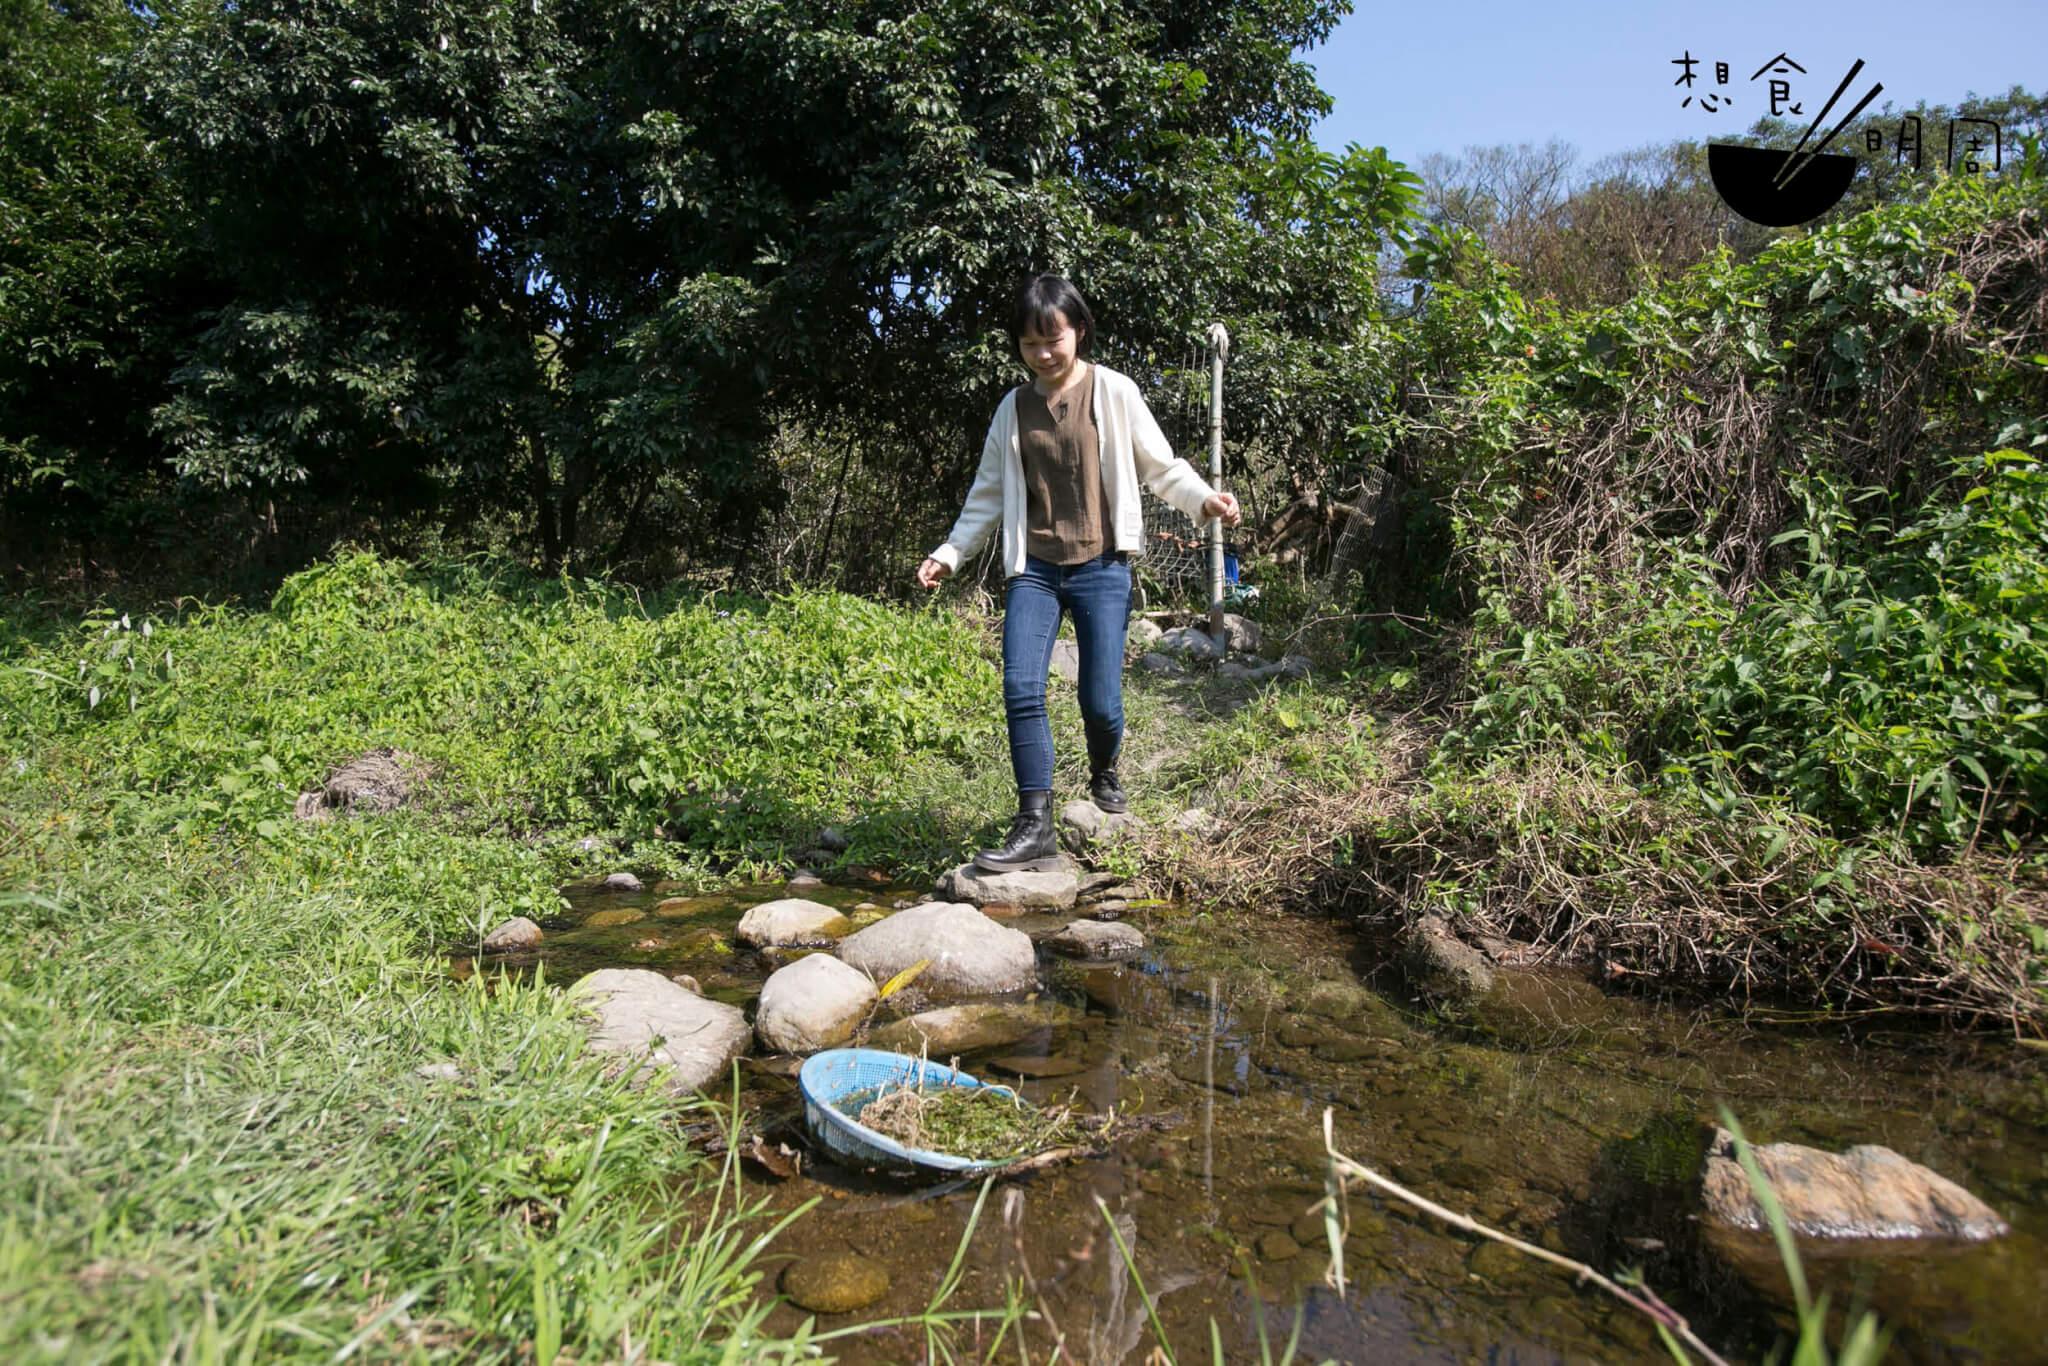 尋訪山檸柑的路途上,有一條淙淙小溪,清澈見底。